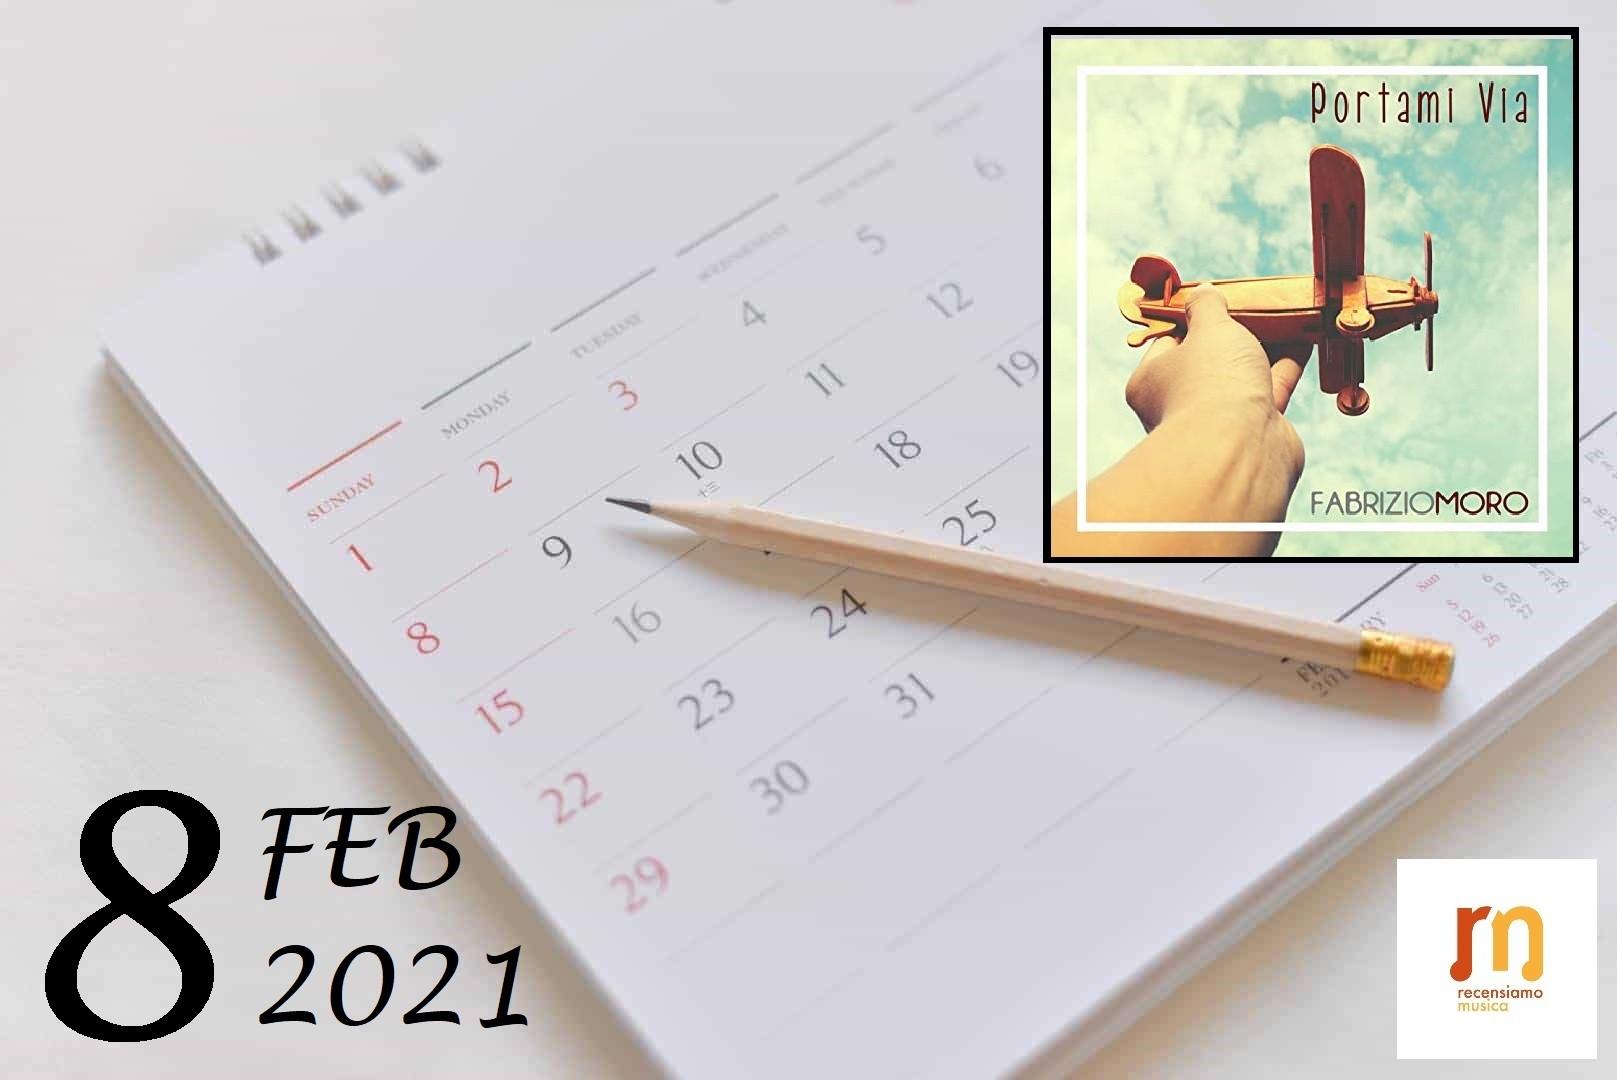 8 febbraio